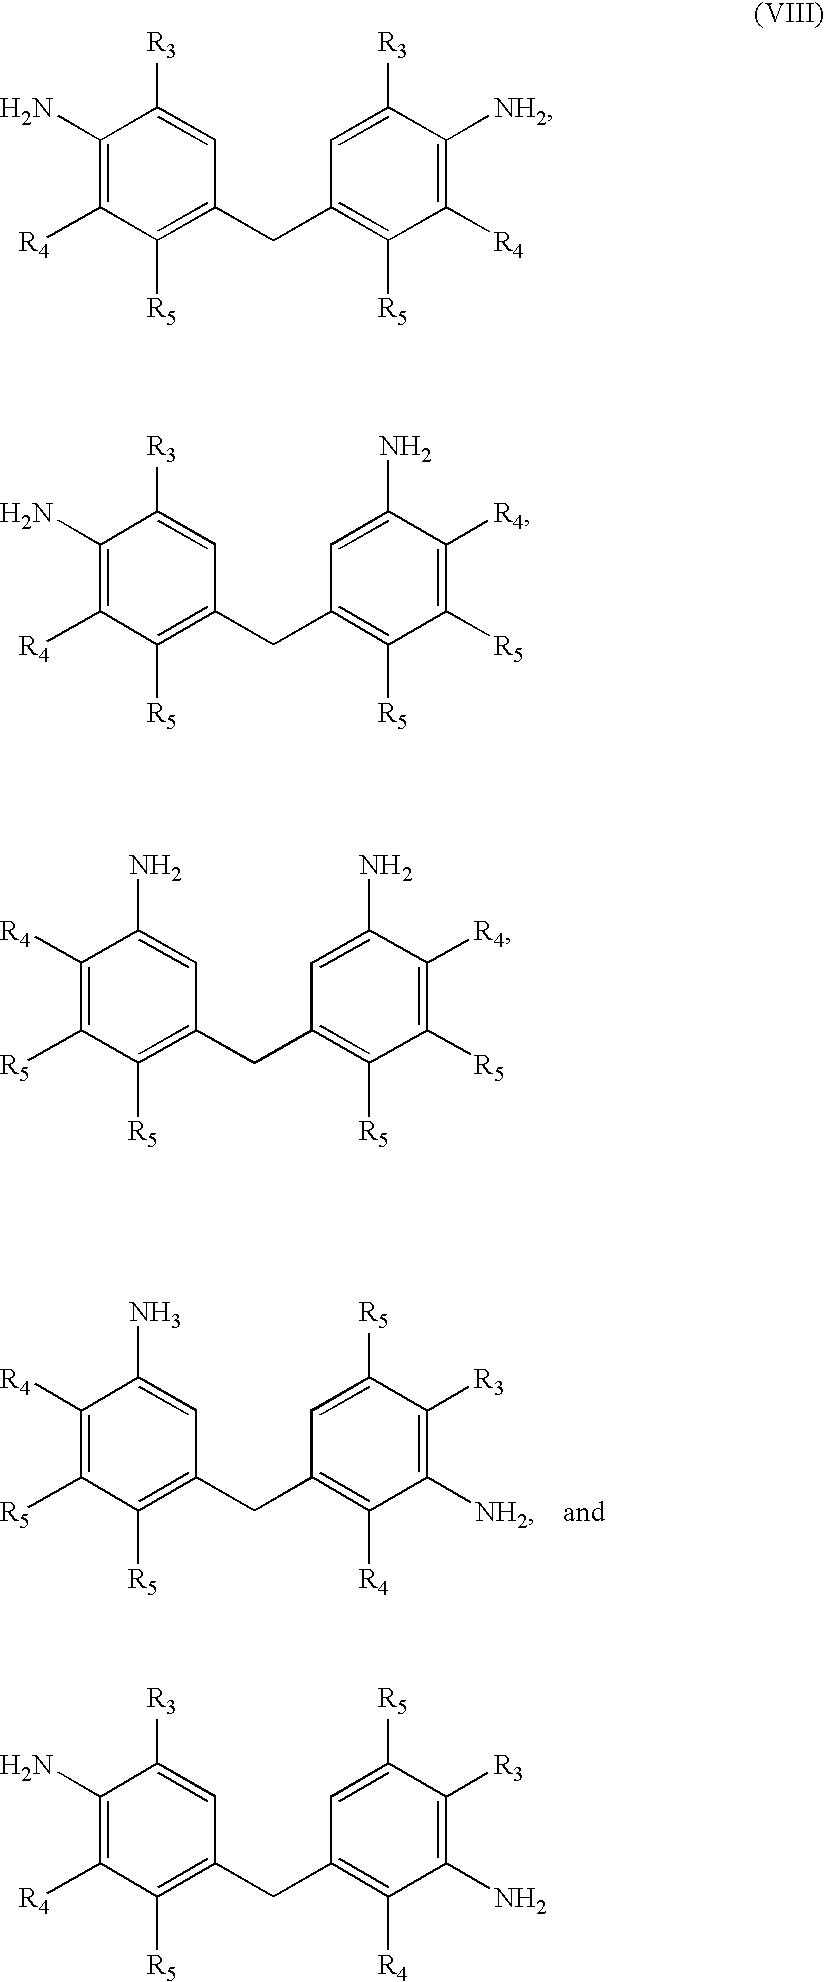 Figure US07473754-20090106-C00022